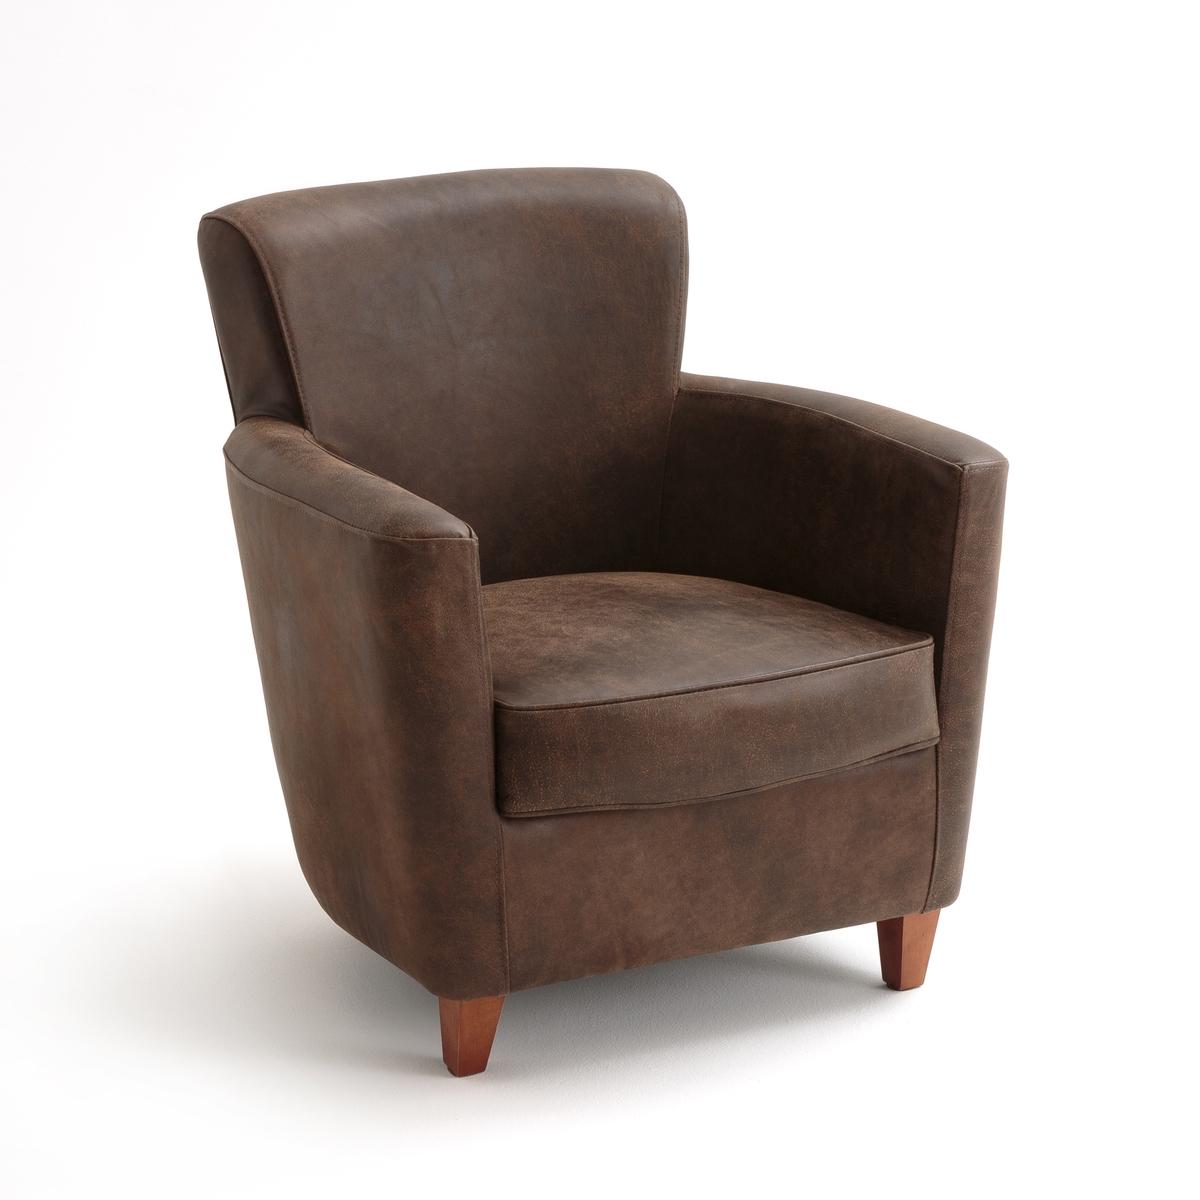 Кресло клубное кожаное, Mathesson